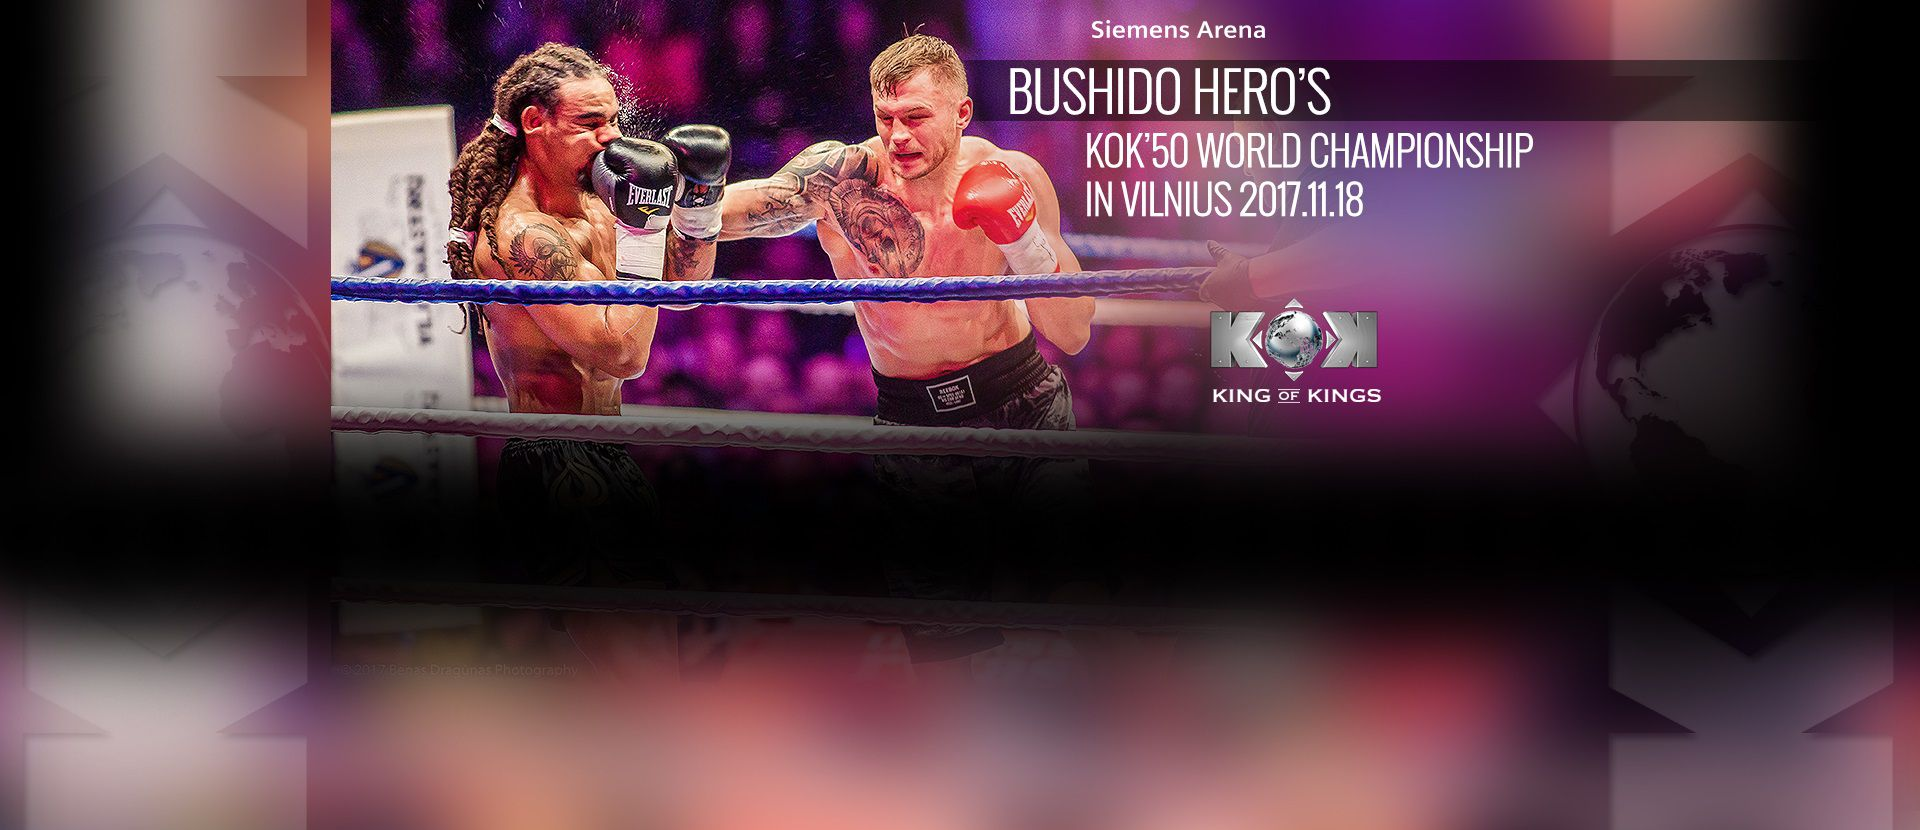 """Таrptautinis turnyras """"BUSHIDO HERO'S 2017 Vilnius"""" šou"""